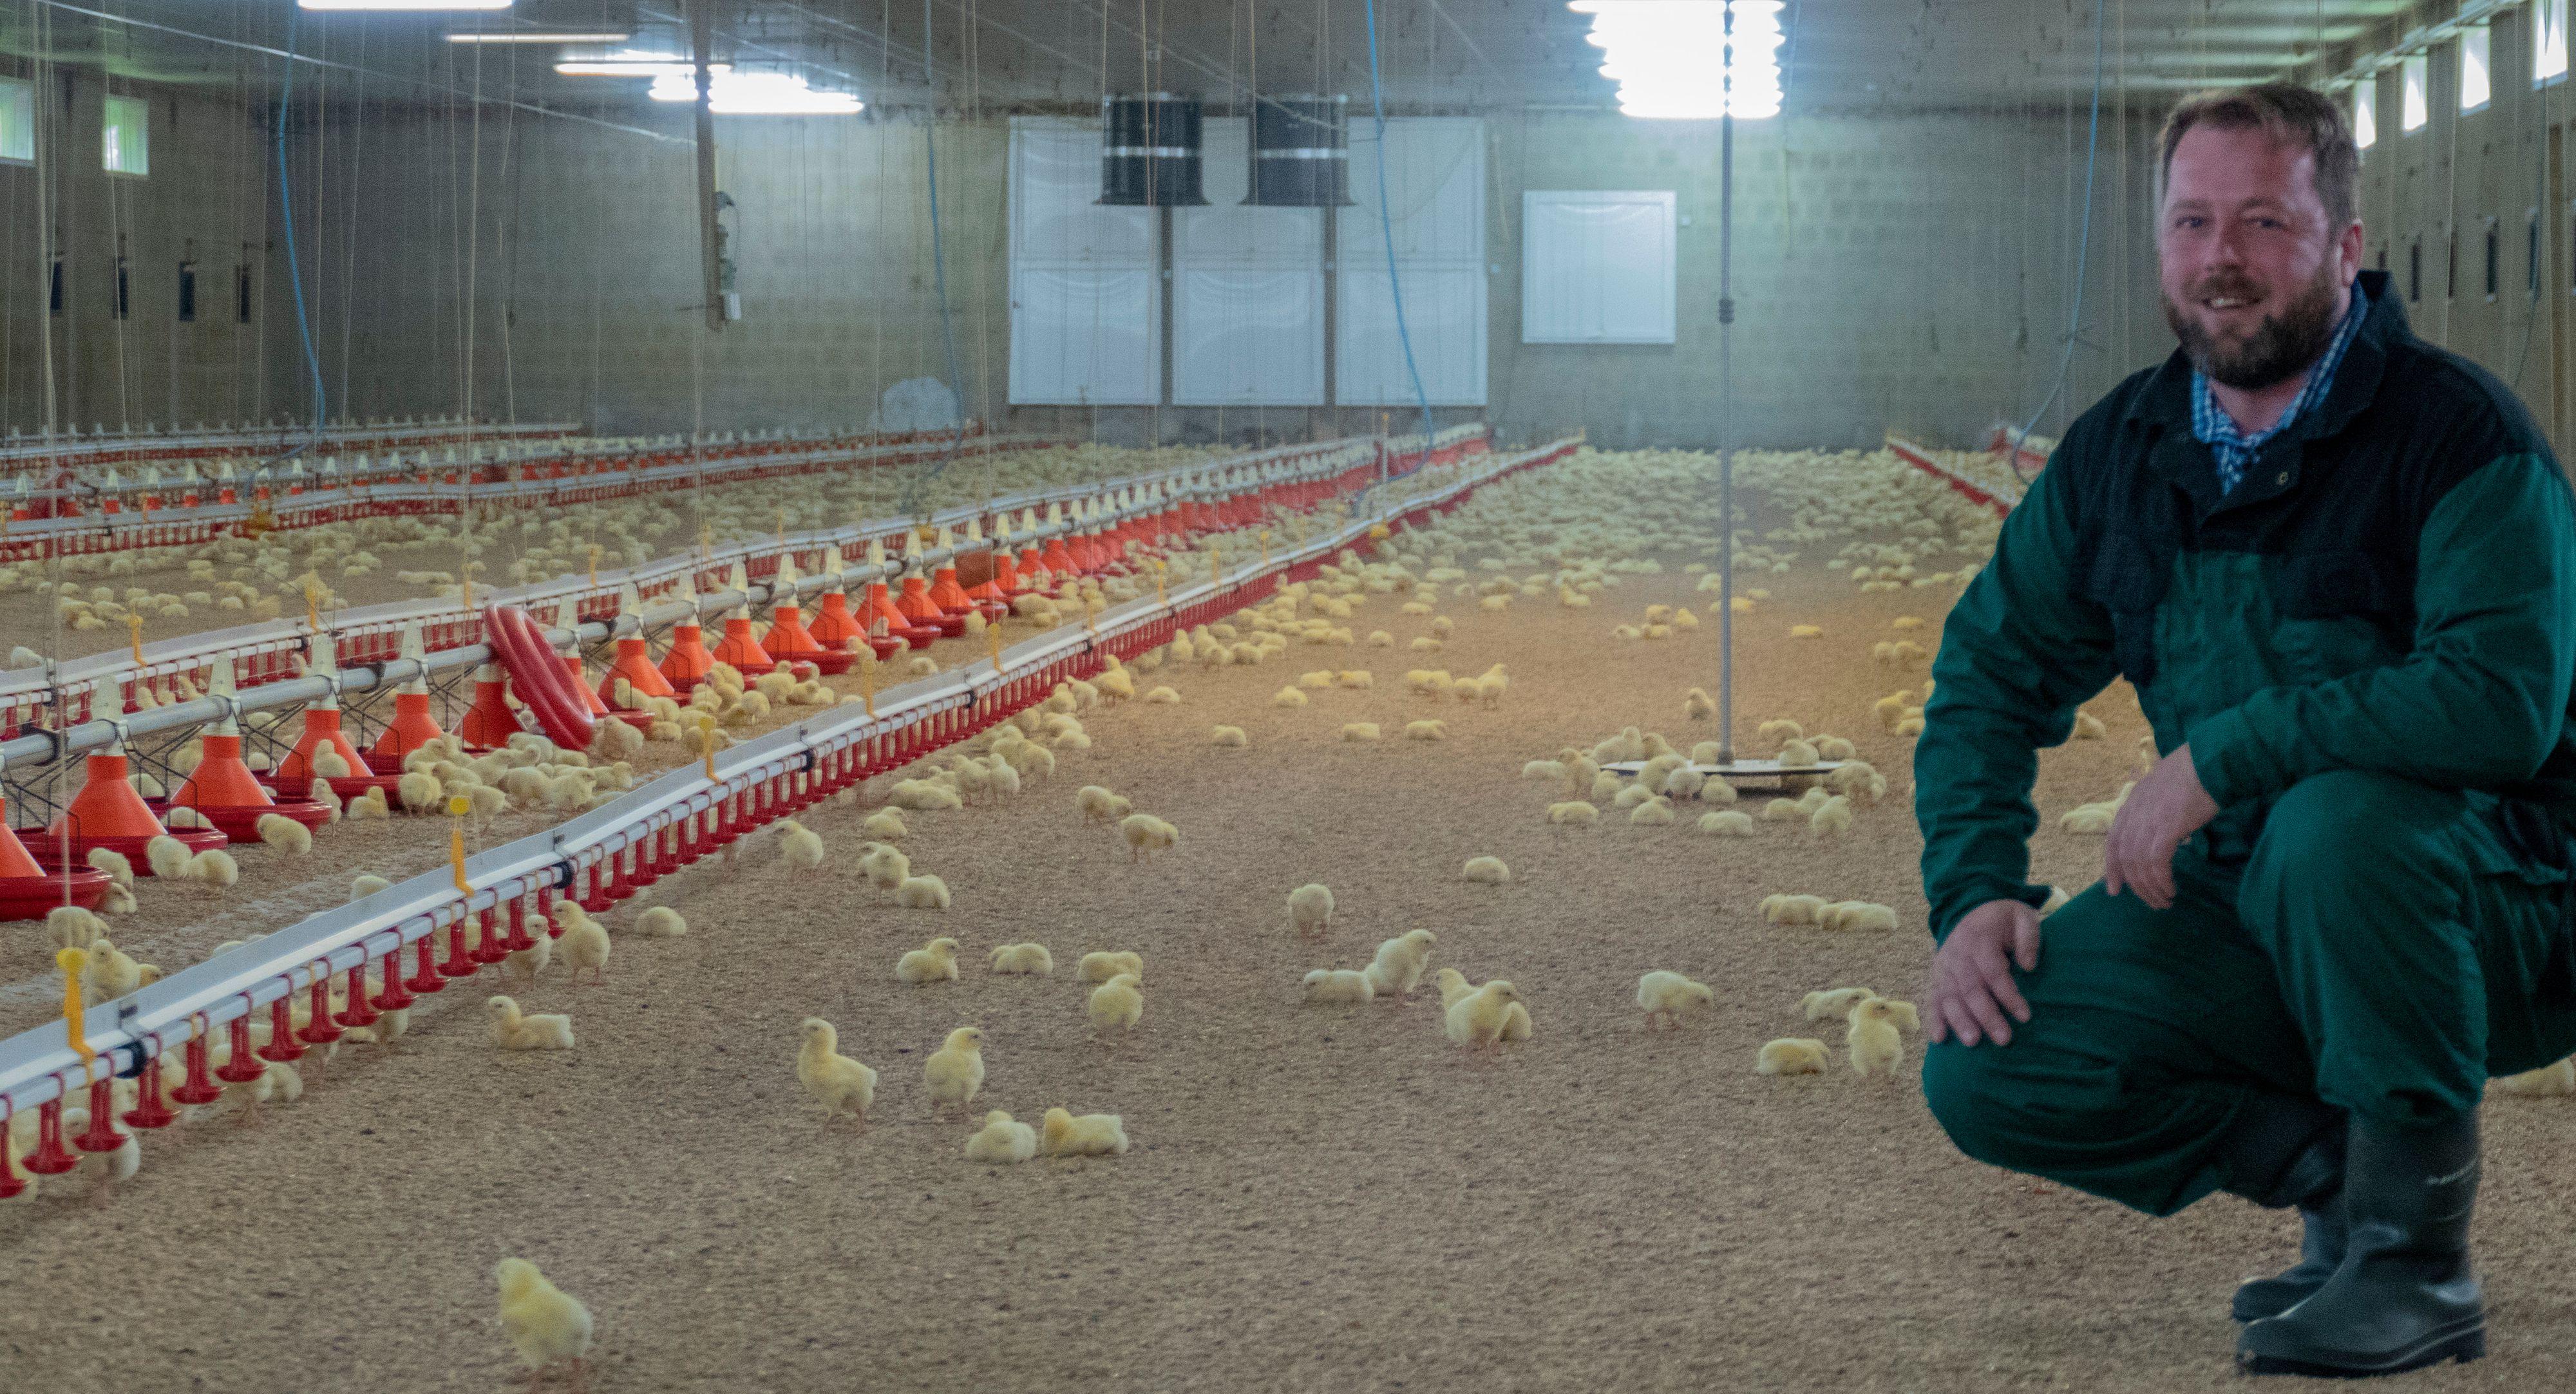 Unzufrieden: Hähnchenerzeuger wie Sven Diekhaus aus Friesoythe protestieren gegen das neue Arbeitsschutzkontrollgesetz, das derzeit im parlamentarischen Beratungsprozess ist und am 29. Oktober verabschiedet werden soll. Foto: Stix